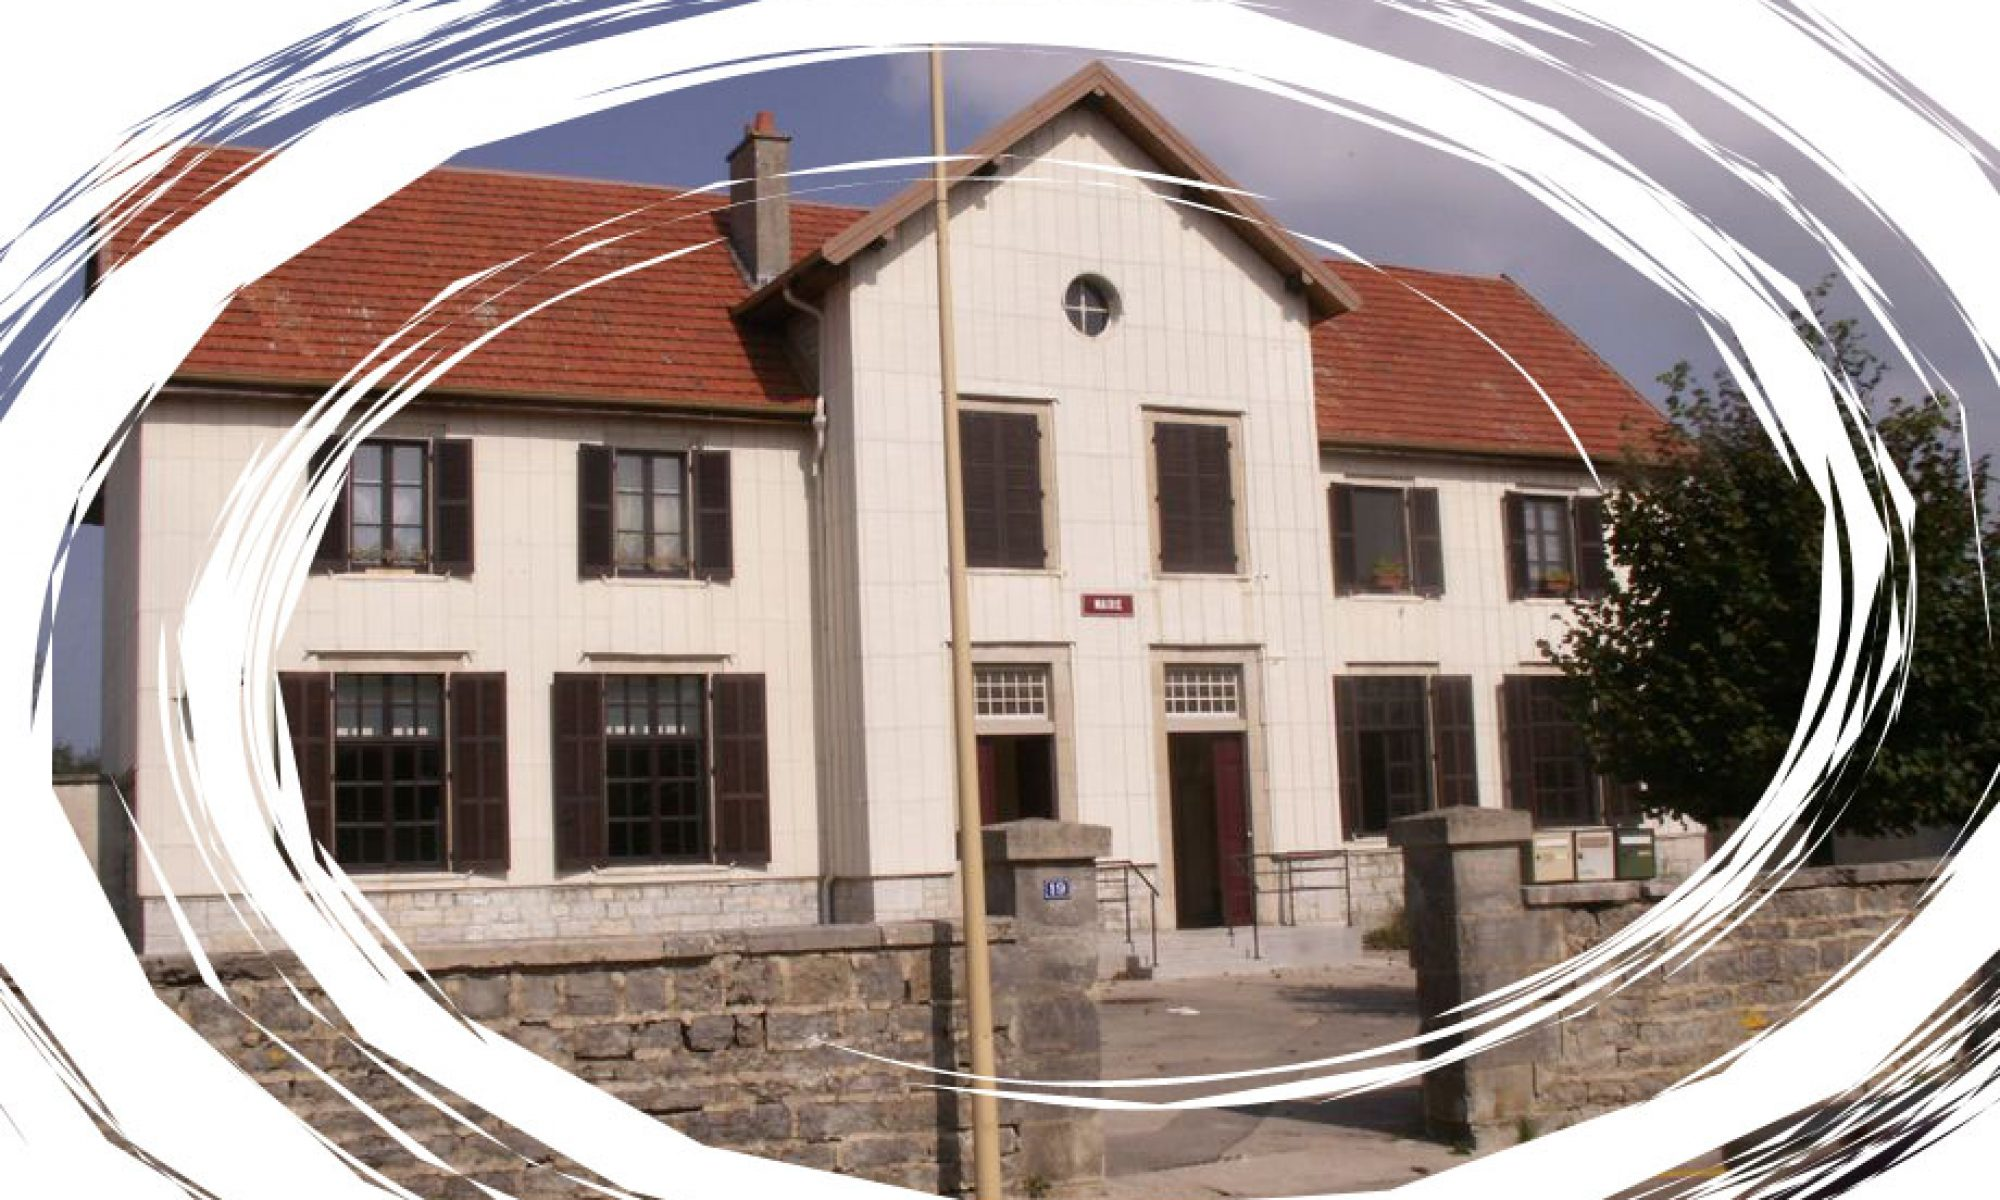 Mont-sur-Monnet